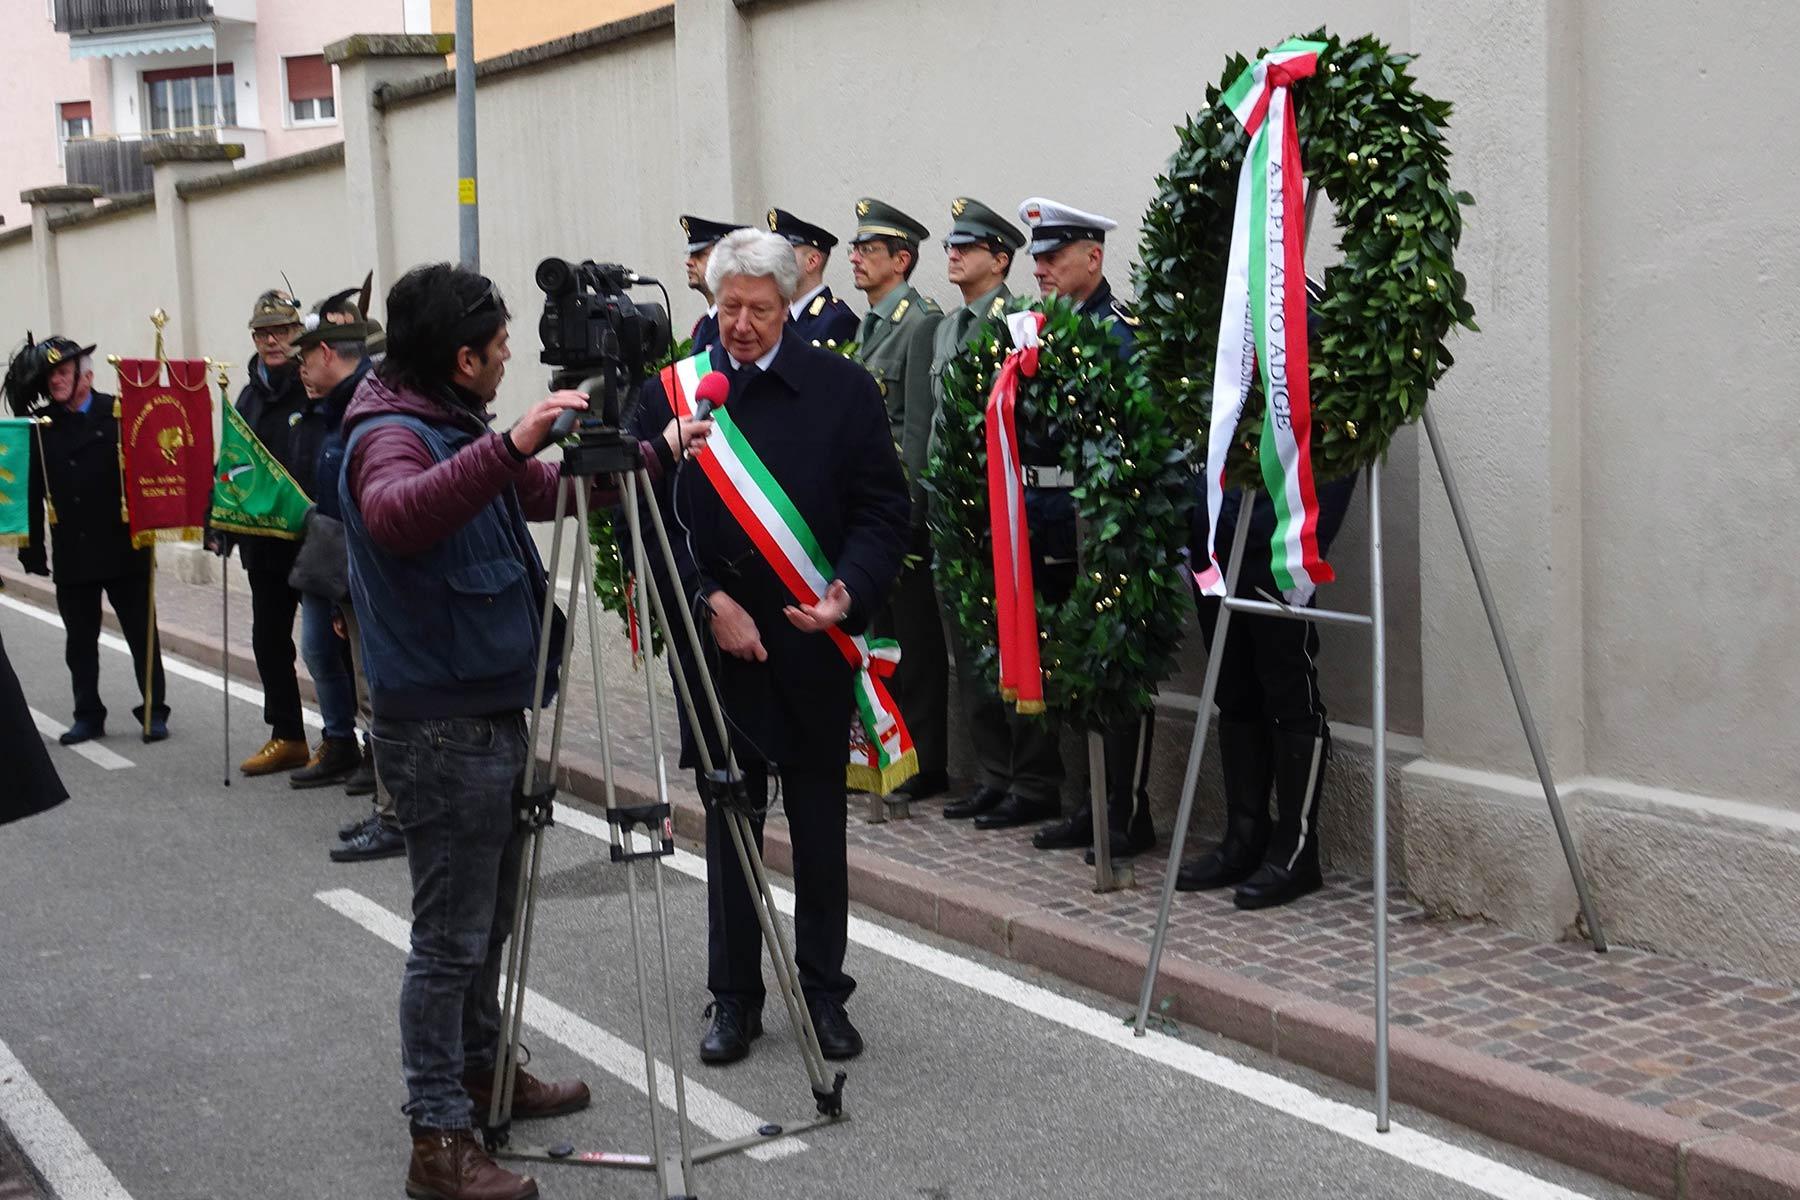 Gedenkfeier in BozenBürgermeister spricht kein Wort deutsch